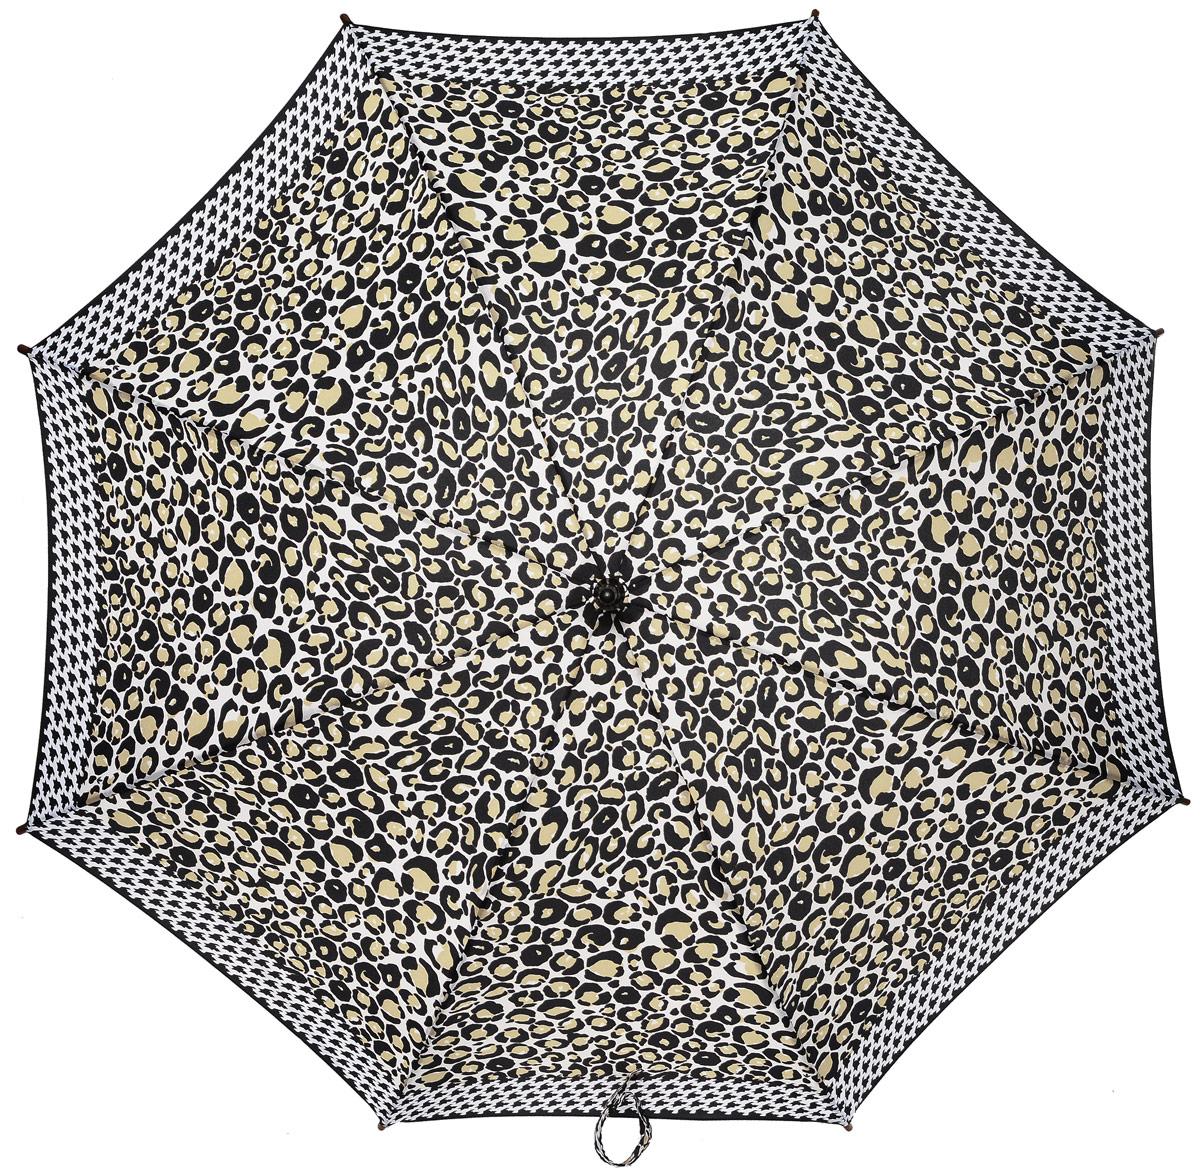 Зонт-трость женский Fulton, механический, цвет: белый, черный, бежевый. L056-3039K60K603557_0130Стильный зонт-трость Fulton даже в ненастную погоду позволит вам оставаться стильной и элегантной. Каркас зонта включает 8 спиц из фибергласса и состоит из стержня, изготовленного из прочной и ветроустойчивой стали. Купол зонта выполнен из высококачественного полиэстера.Рукоятка закругленной формы, разработанная с учетом требований эргономики, изготовлена из натурального дерева.Зонт механического сложения: купол открывается и закрывается вручную до характерного щелчка. Такой зонт не только надежно защитит вас от дождя, но и станет стильным аксессуаром, который идеально подчеркнет ваш неповторимый образ.